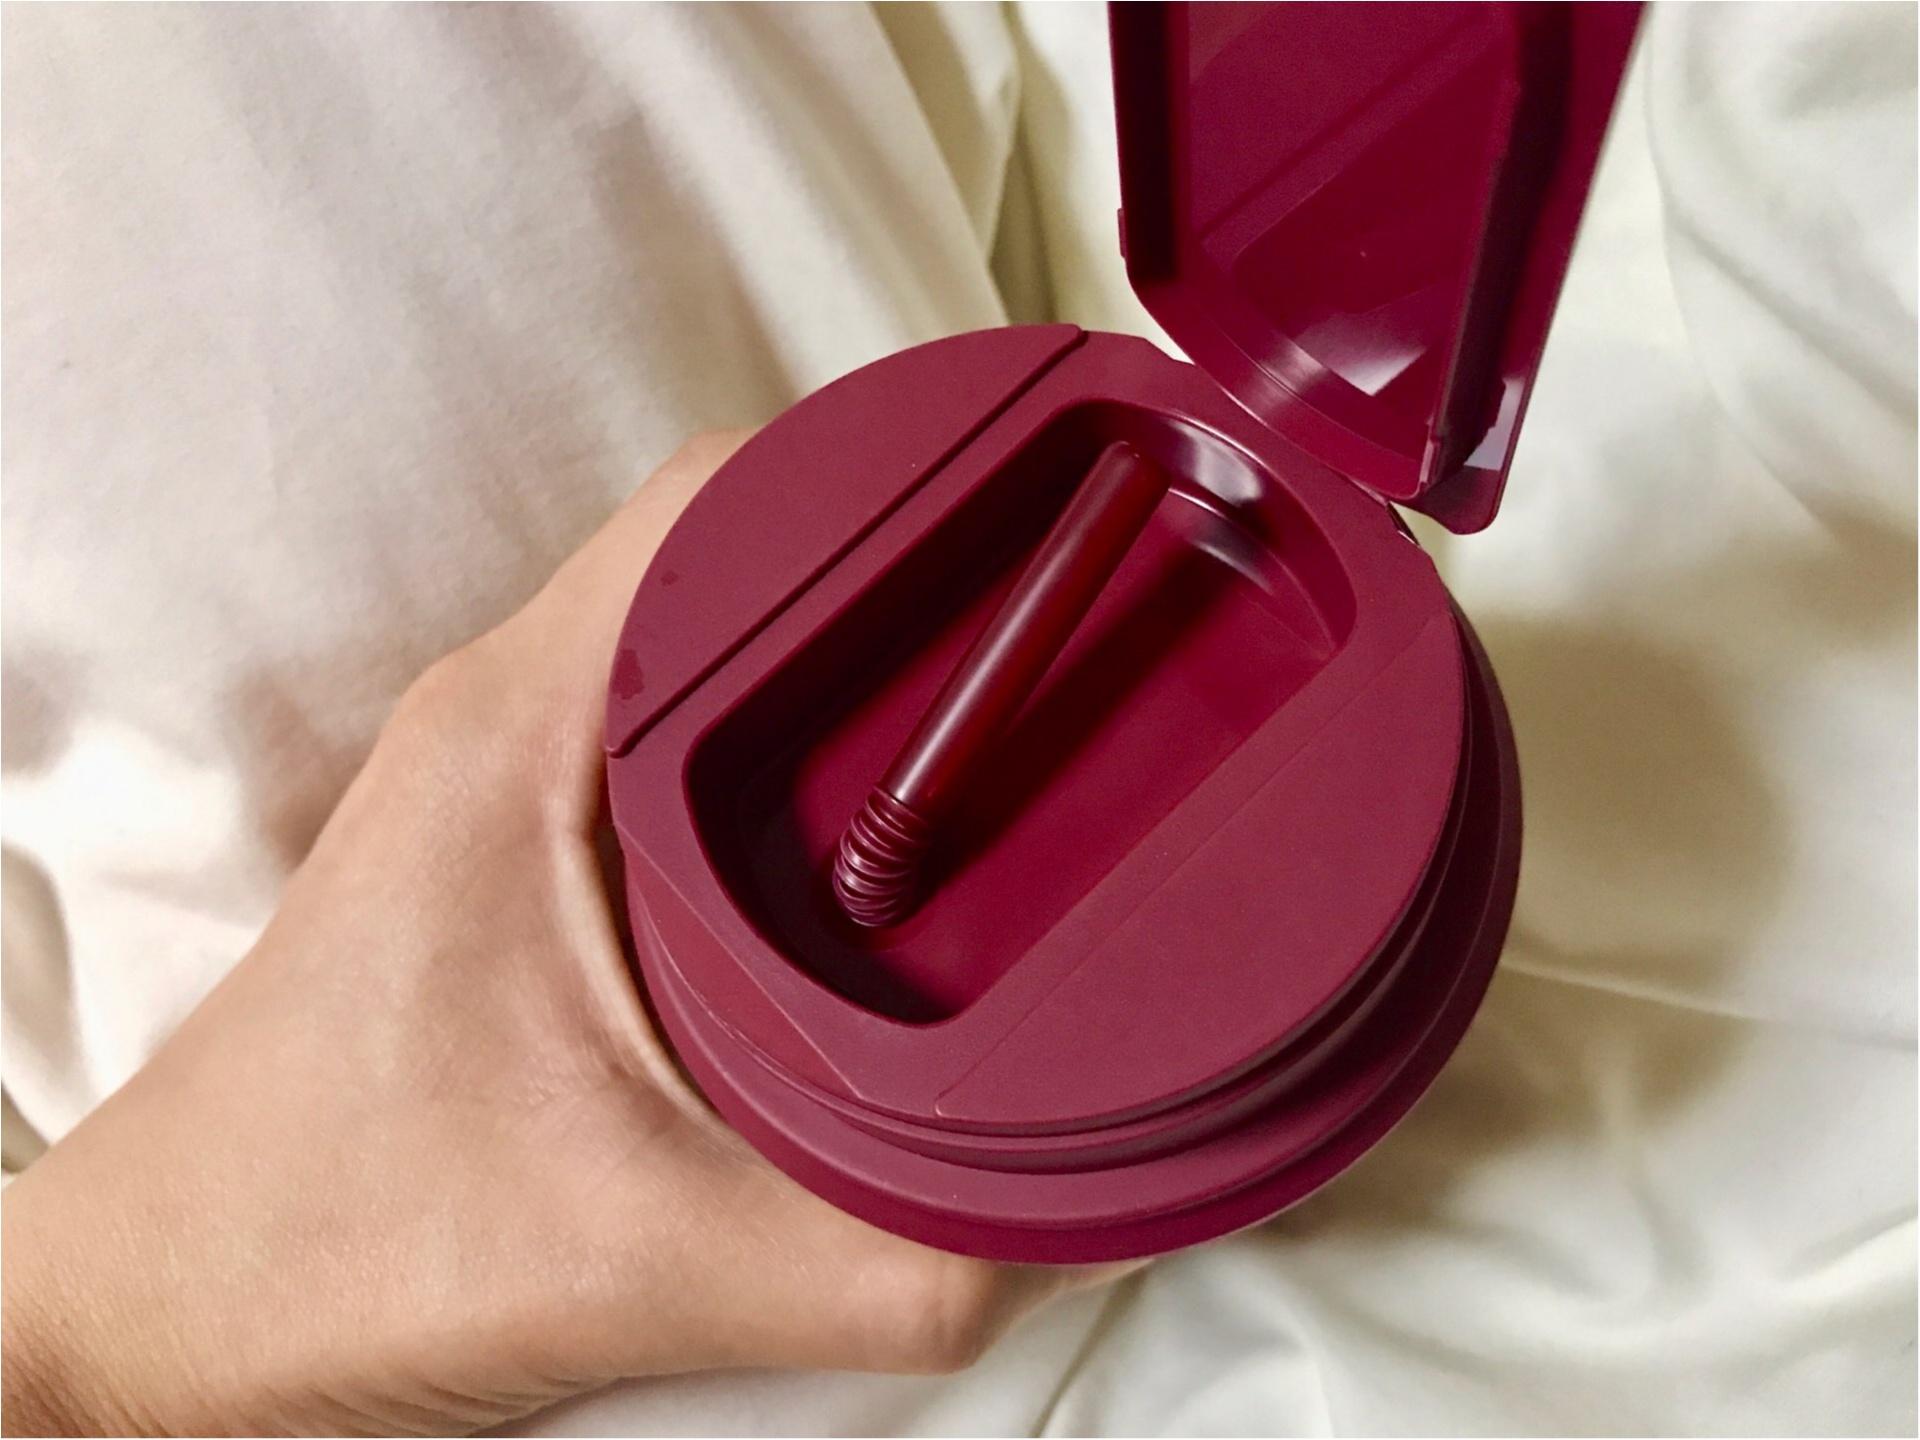 【ローソン】飲み終えた容器も万能!輪切りフルーツ入り《フルーツサーバー》が美味❤︎_4